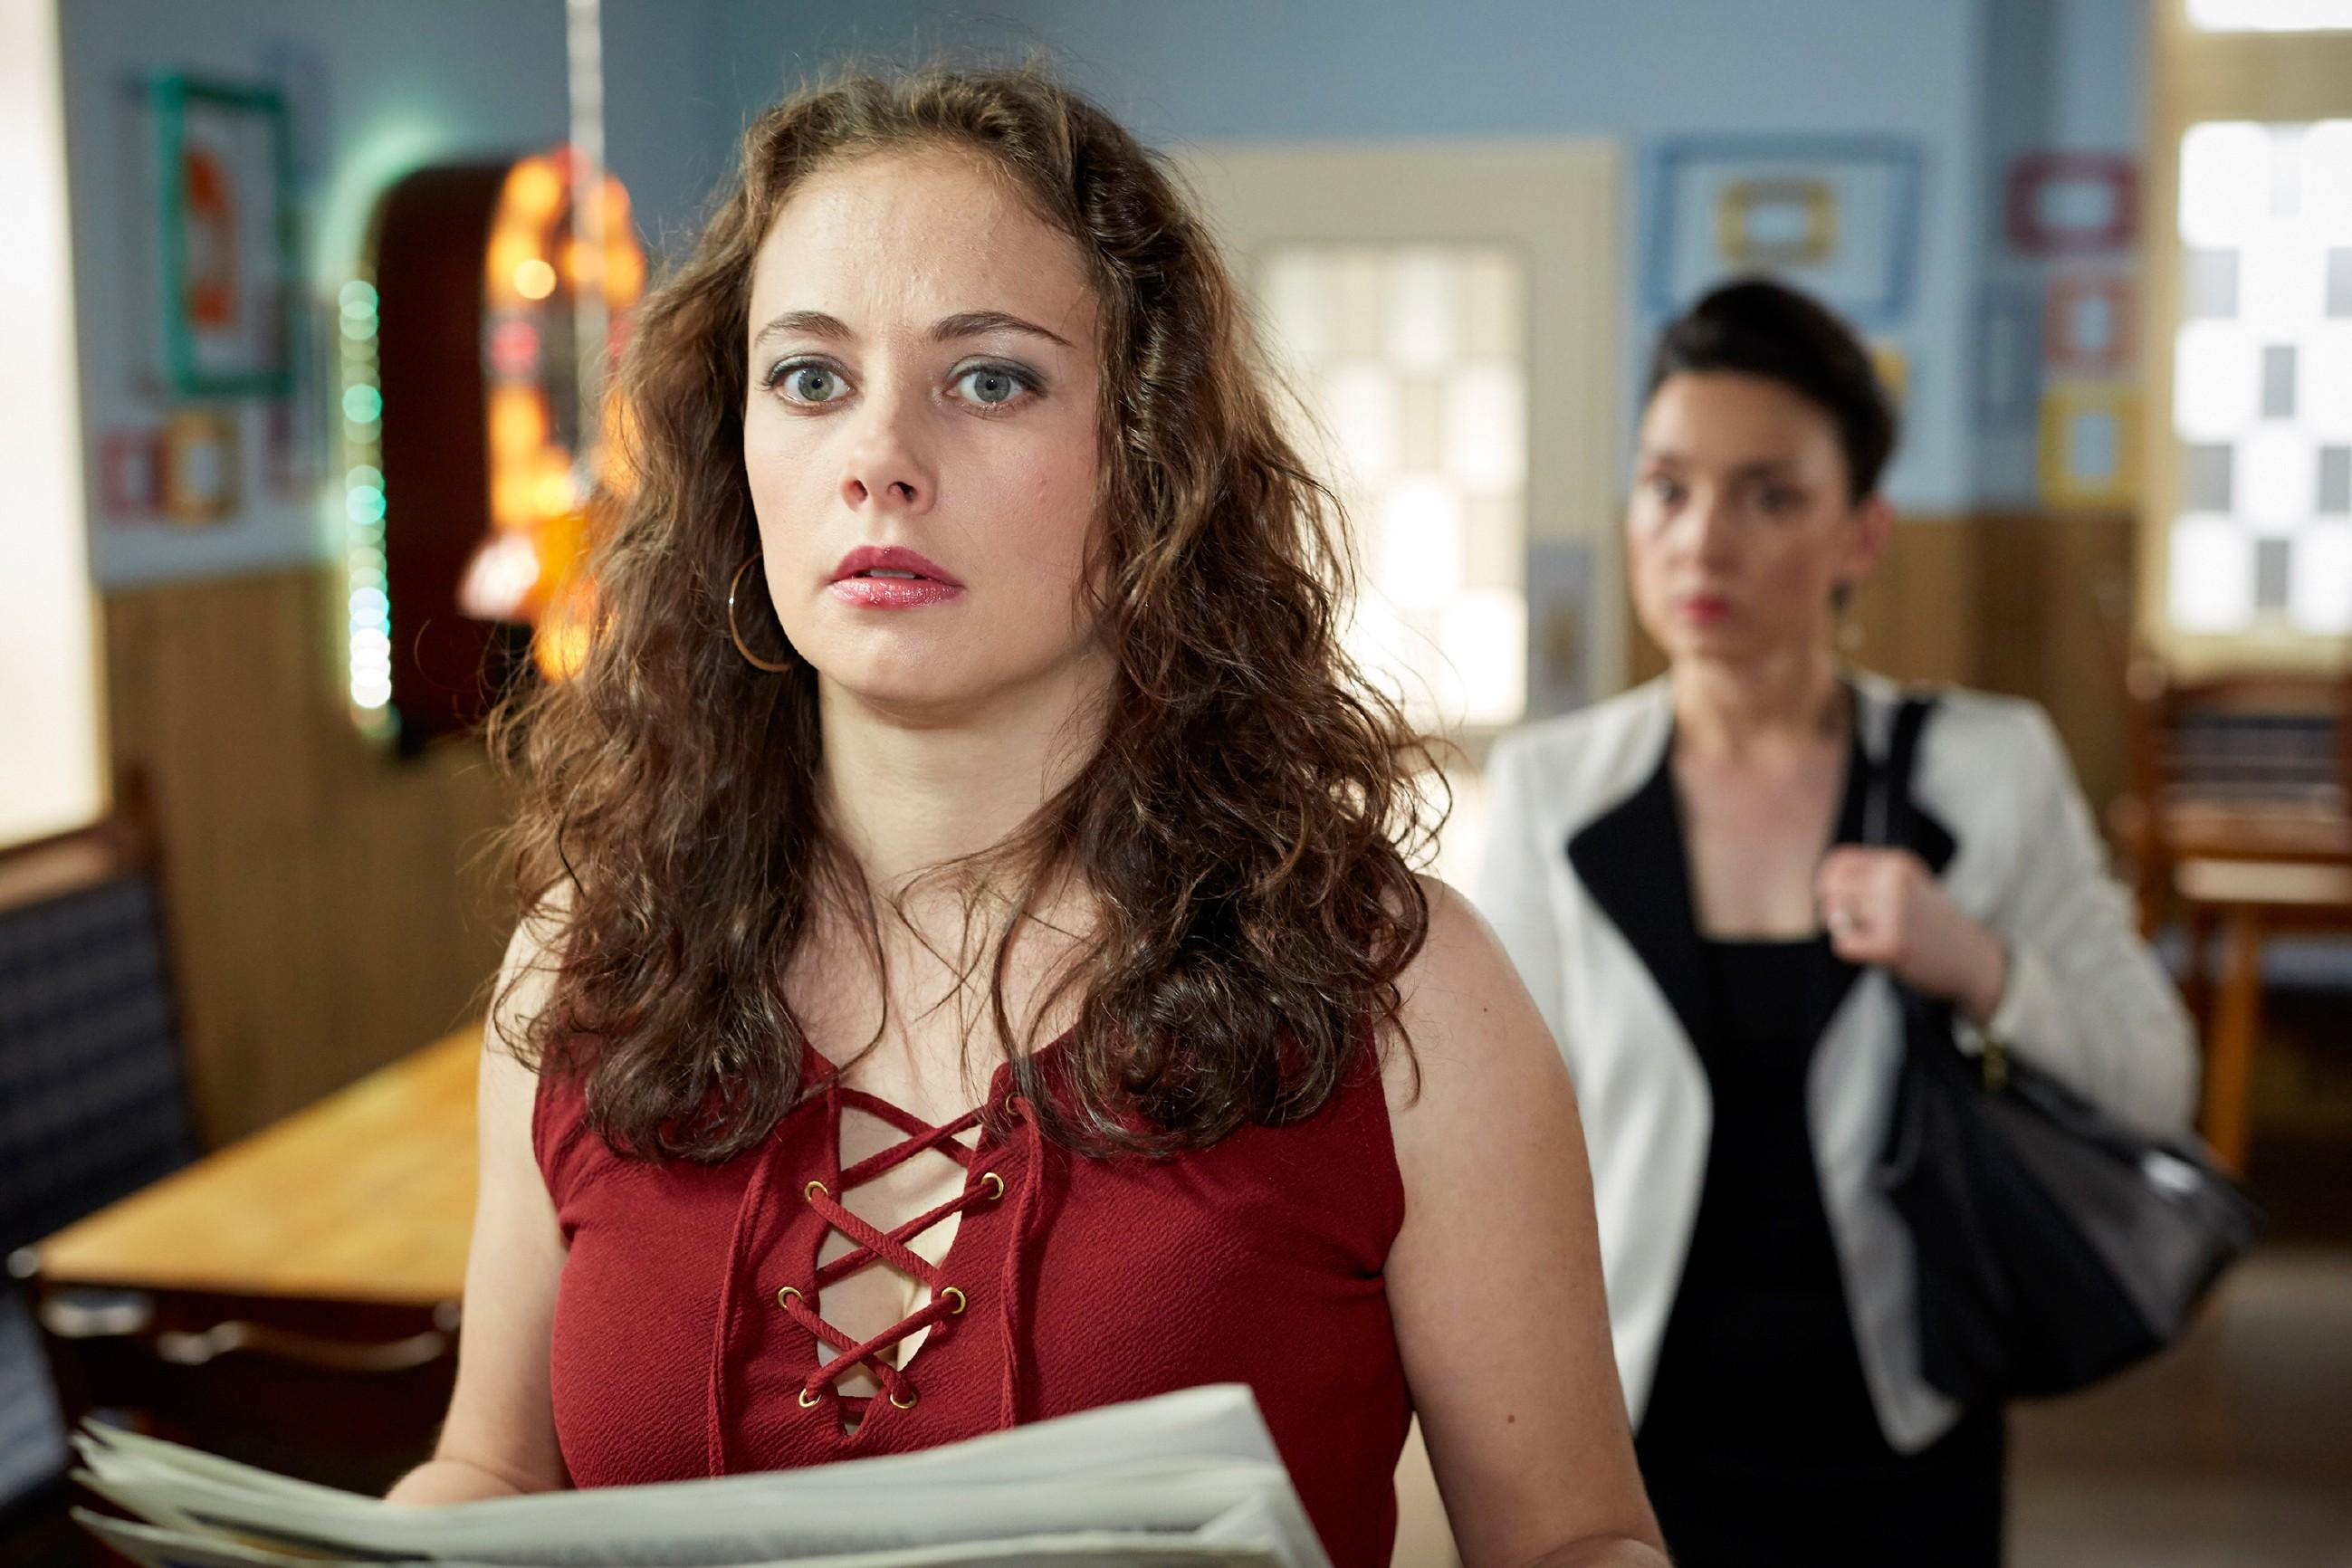 Carmen (Heike Warmuth, l.) steht mit dem Rücken zur Wand, als Simone (Tatjana Clasing) sie mit ihren Gefühlen für Richard konfrontiert. (Quelle: RTL / Guido Engels)